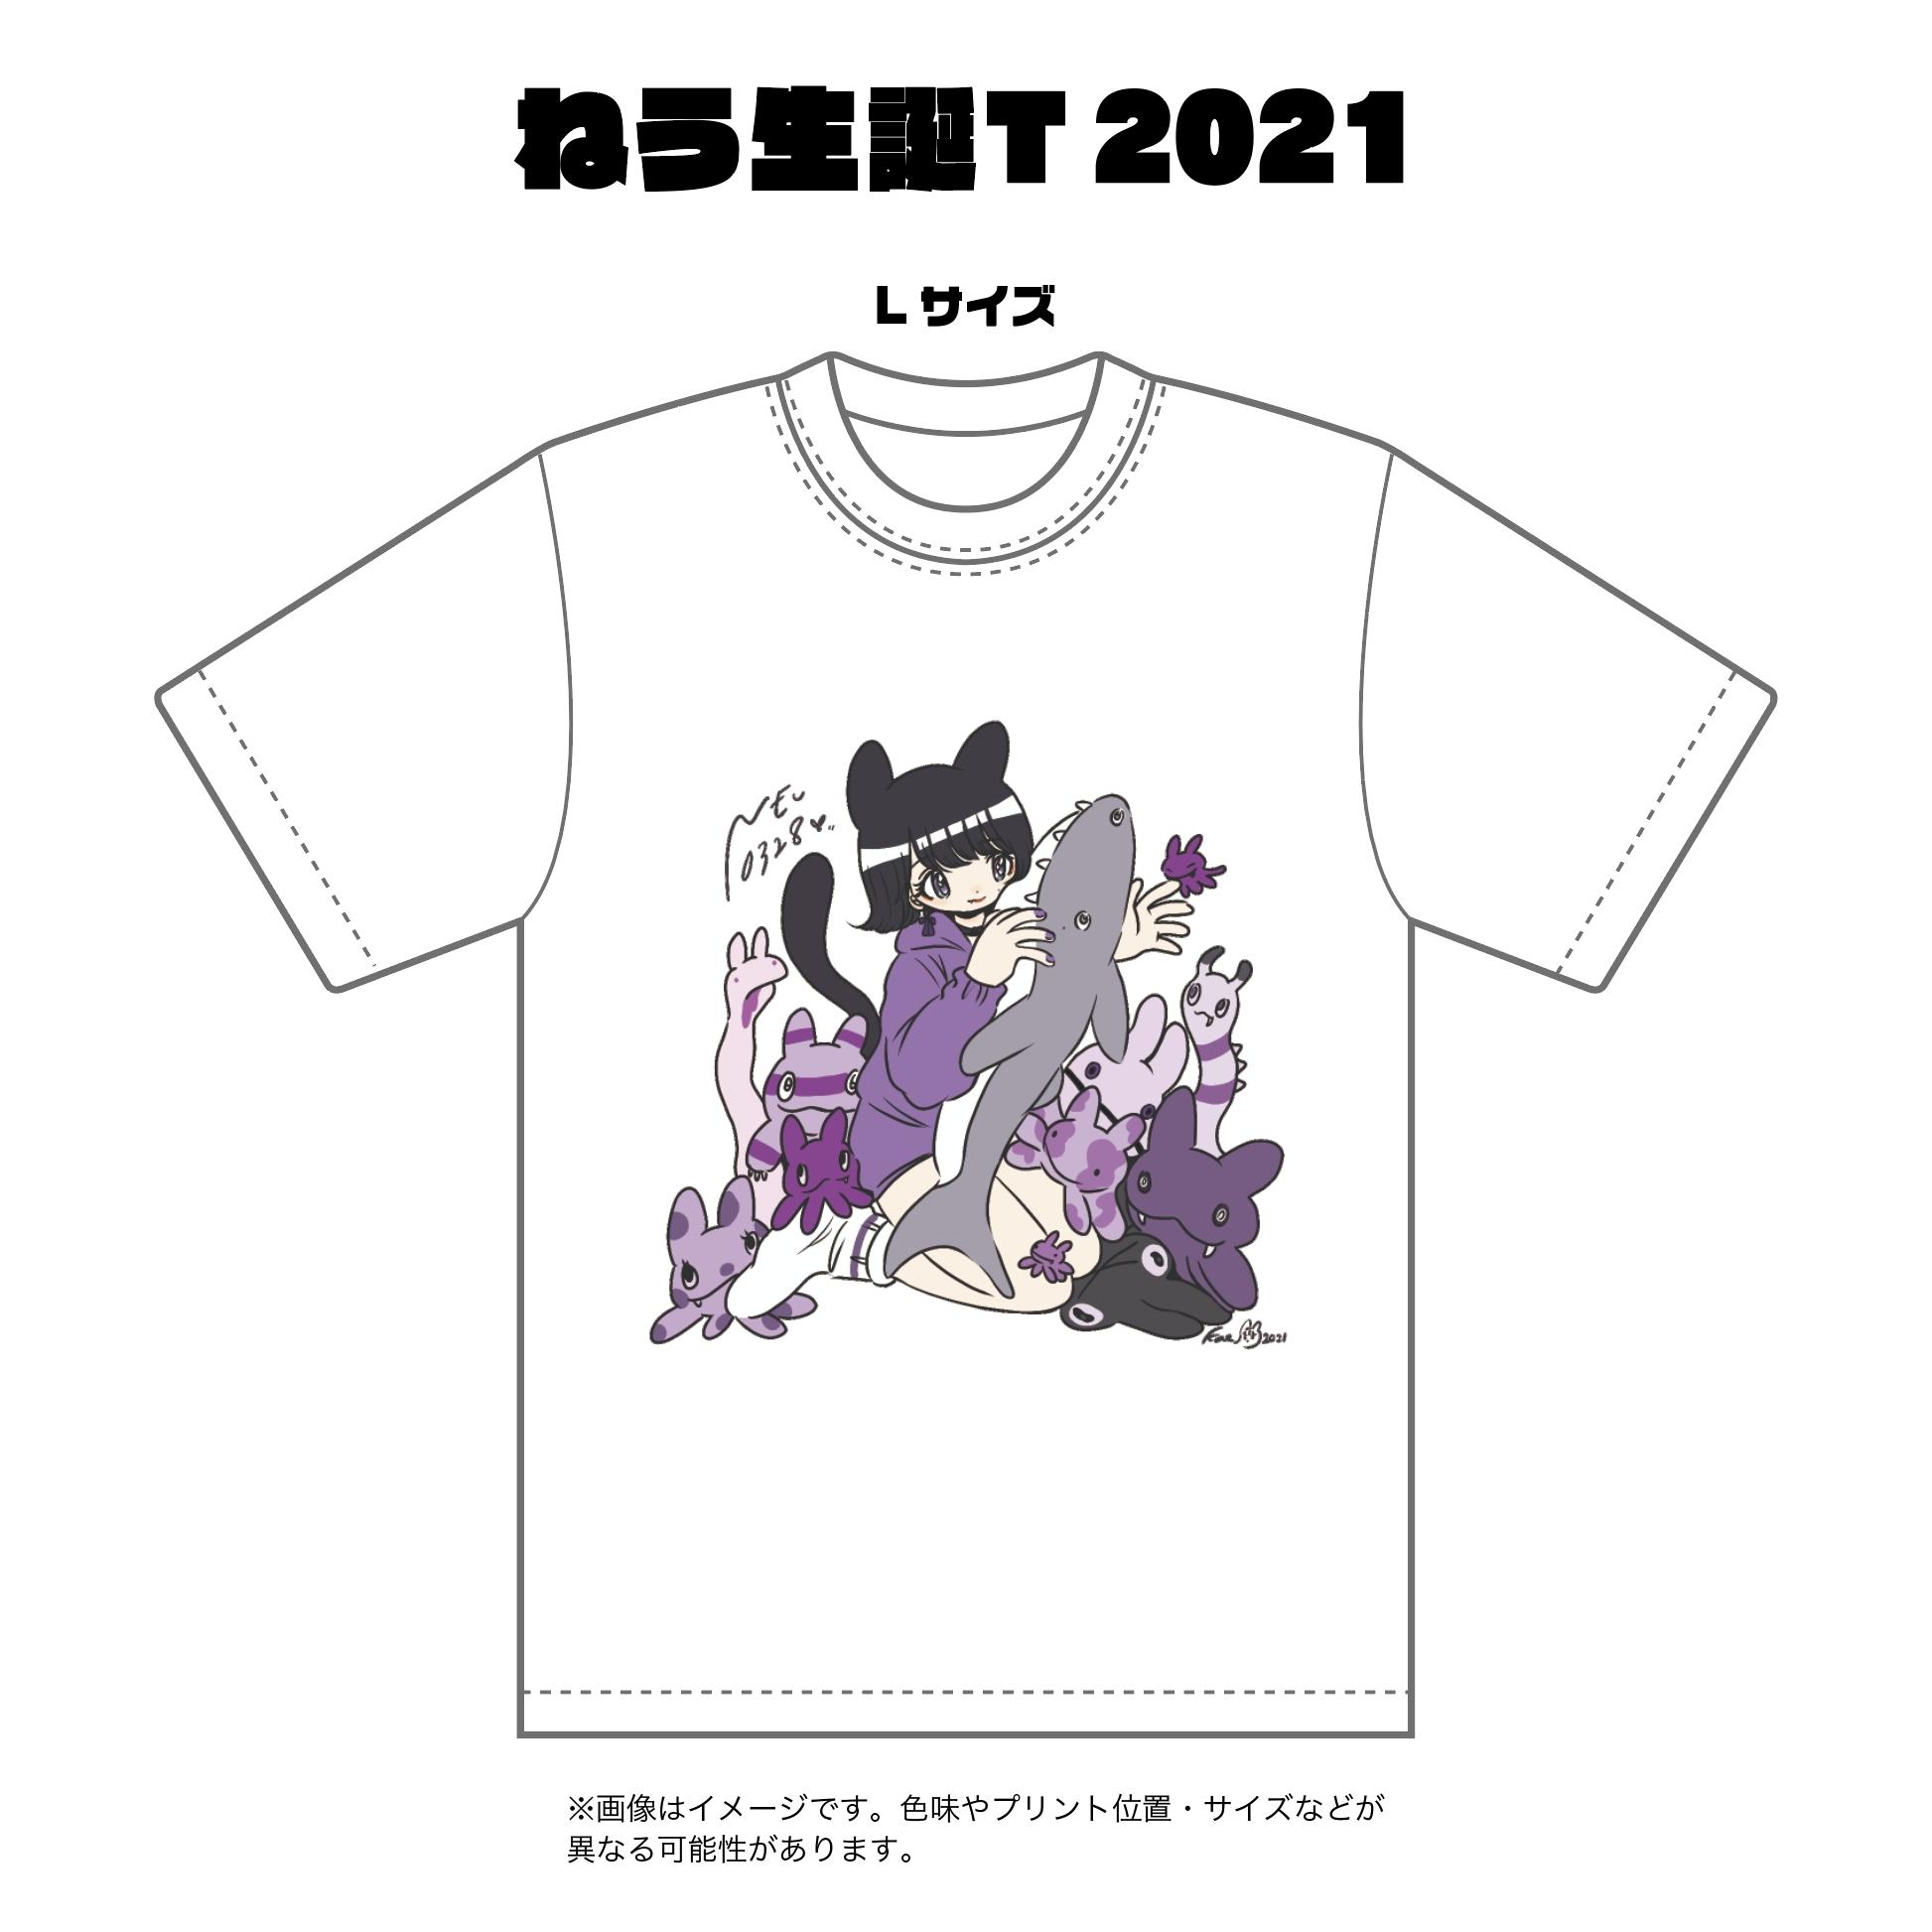 ねう生誕Tシャツ - 2021